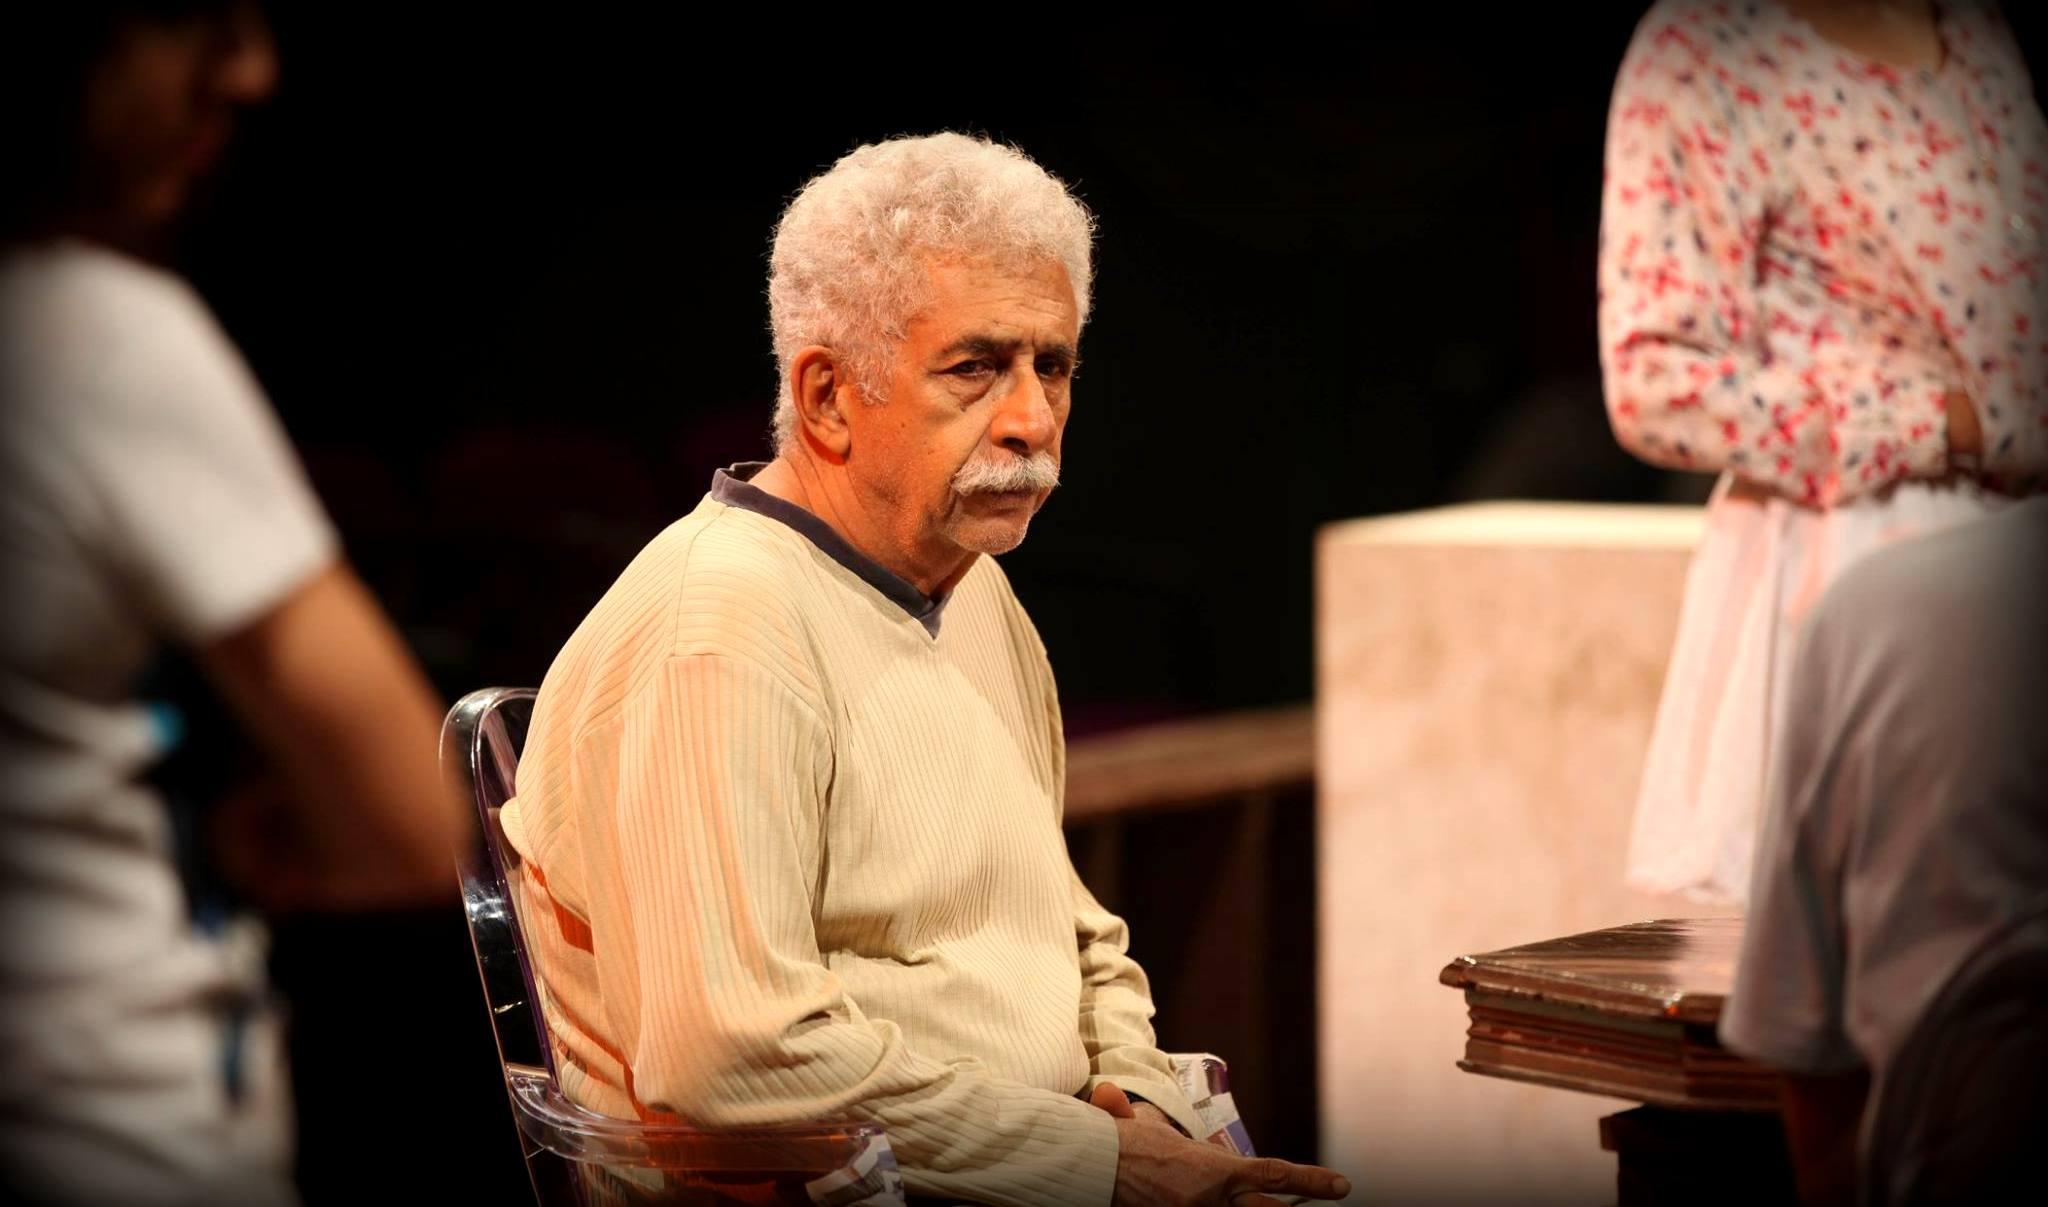 ایک ڈرامے کے دوران نصیرالدین شاہ۔ (فوٹو بہ شکریہ: فیس بک / Motley Theater)